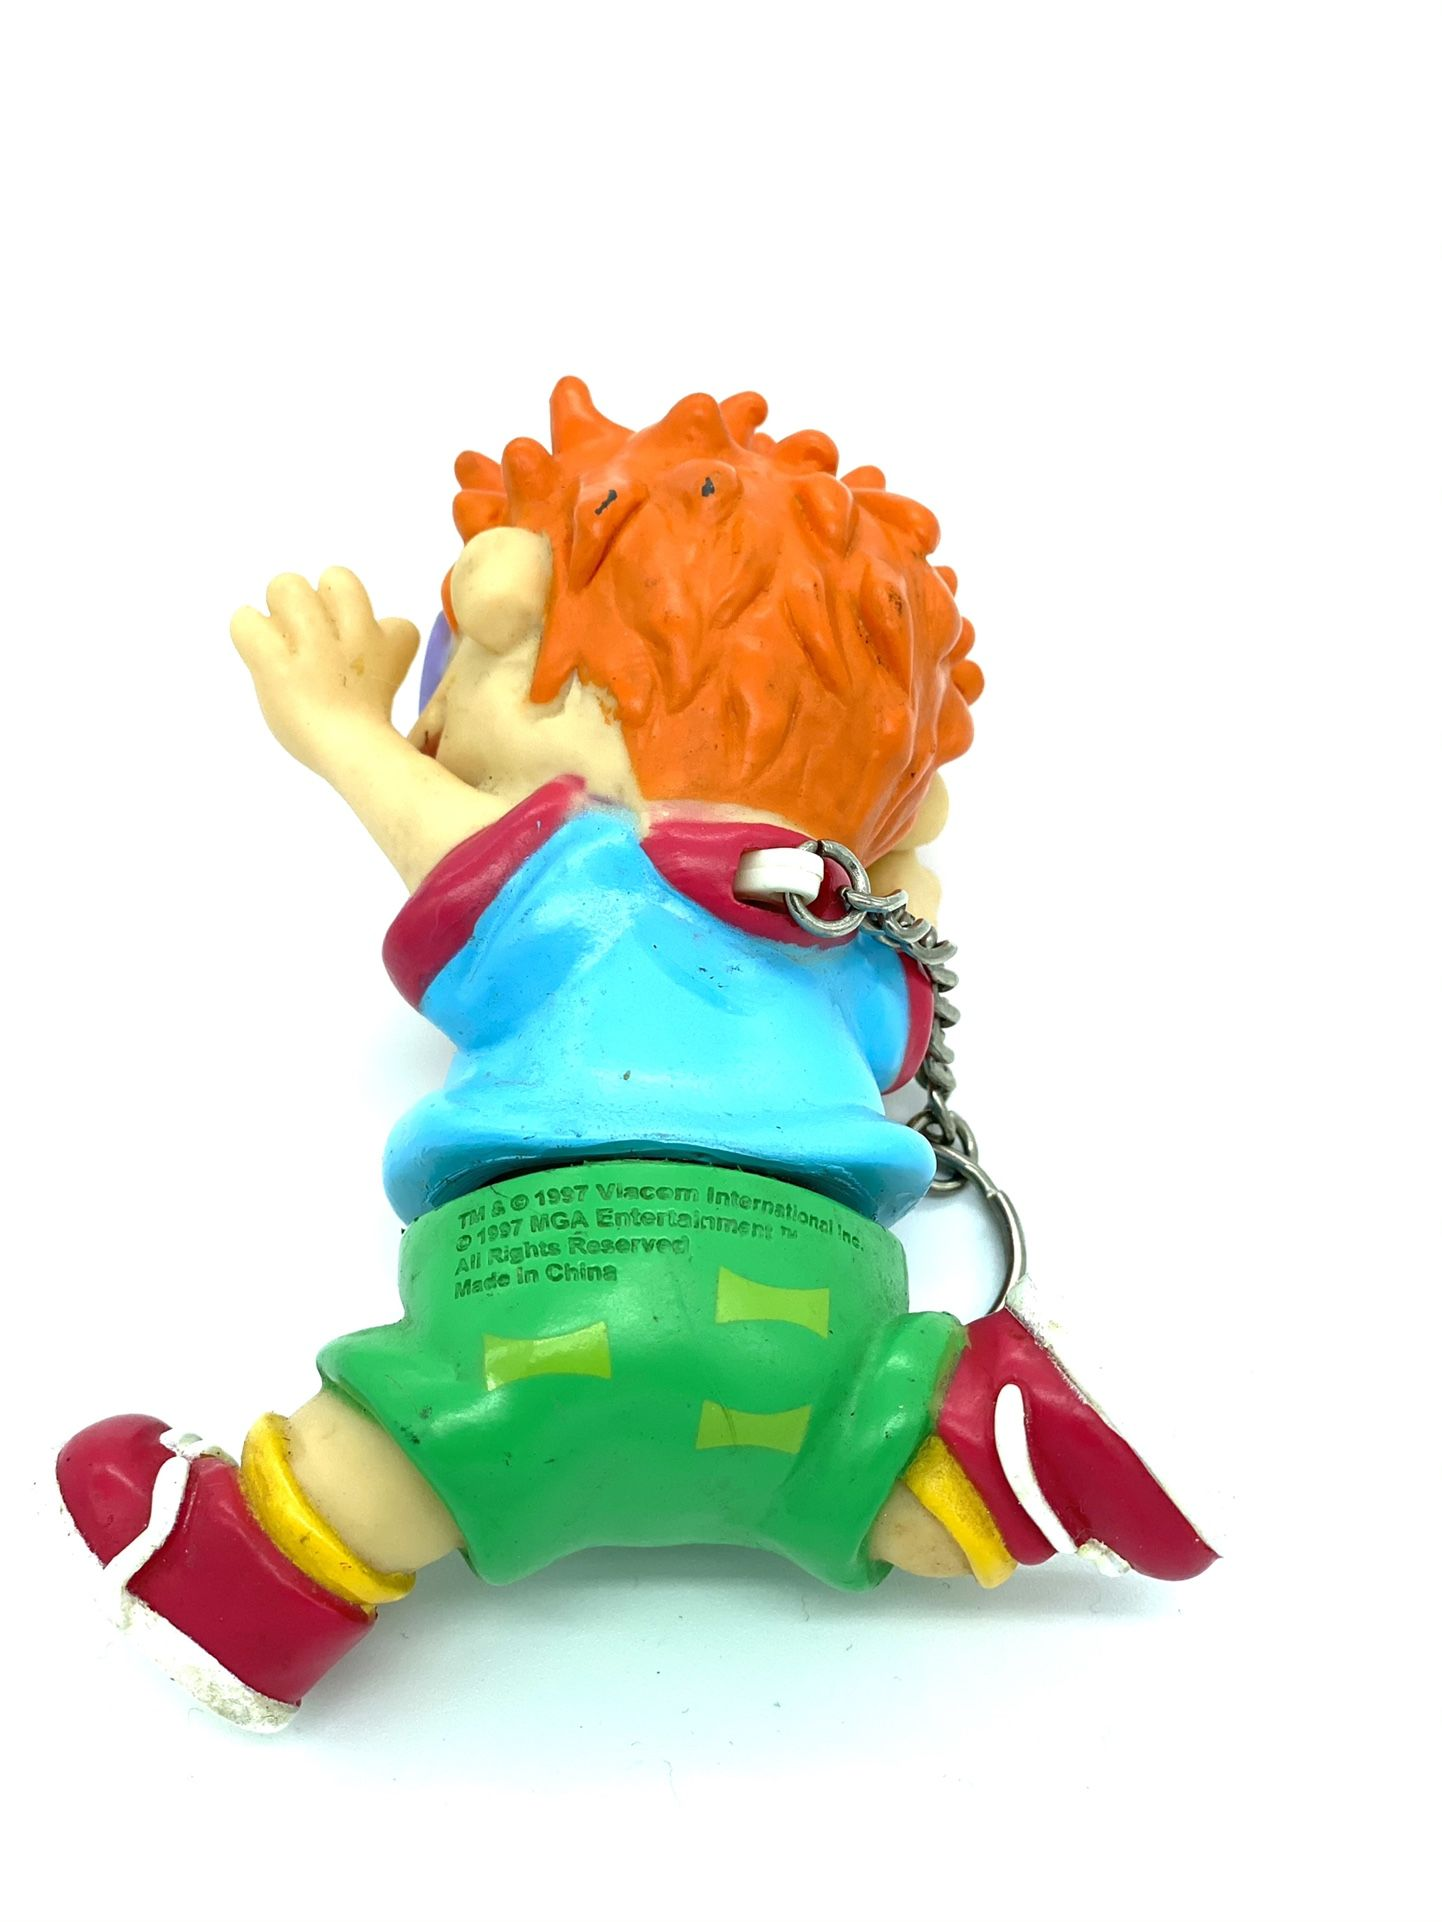 Chucky Rugrats Keychain 1997 Viacom MGA Entertainment